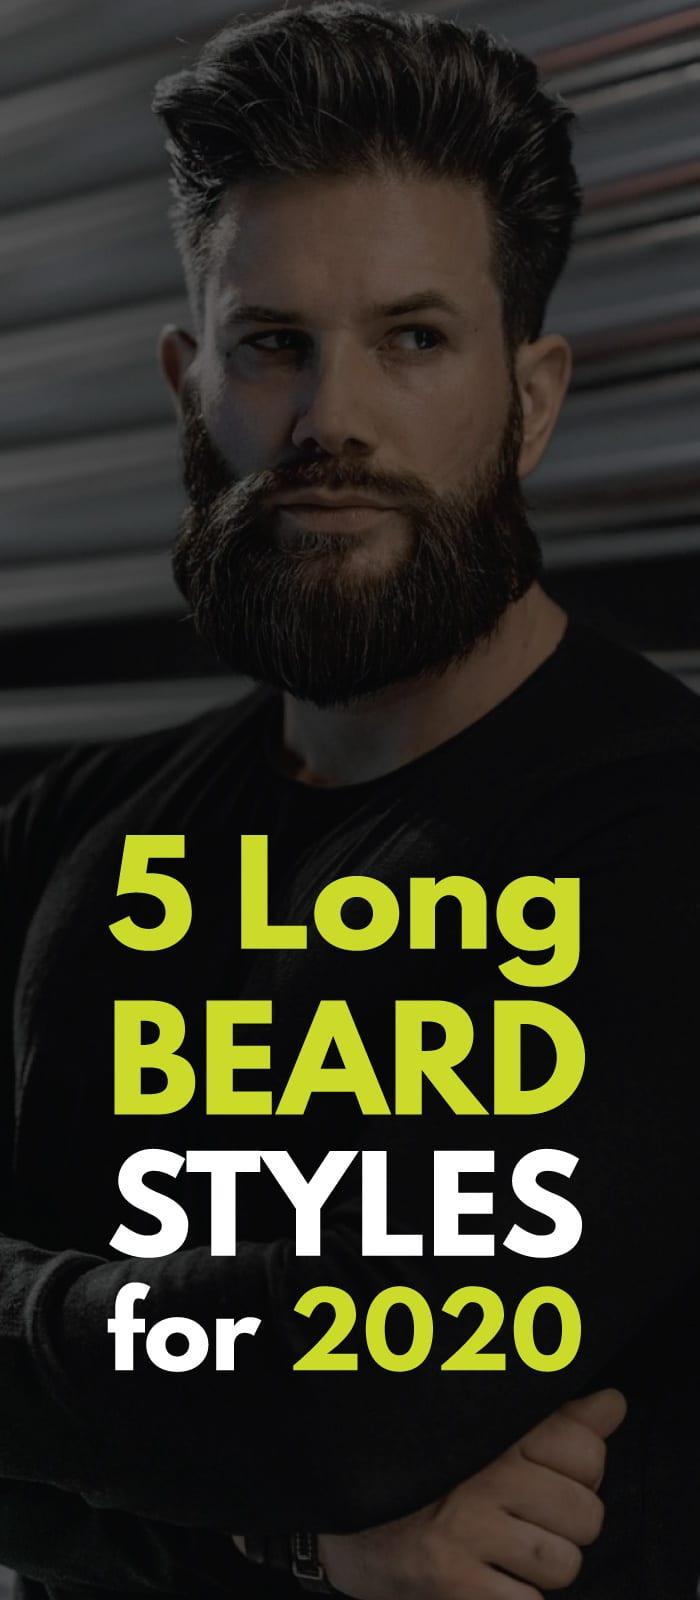 5-Long-Beard-Styles-for-men-in-2020